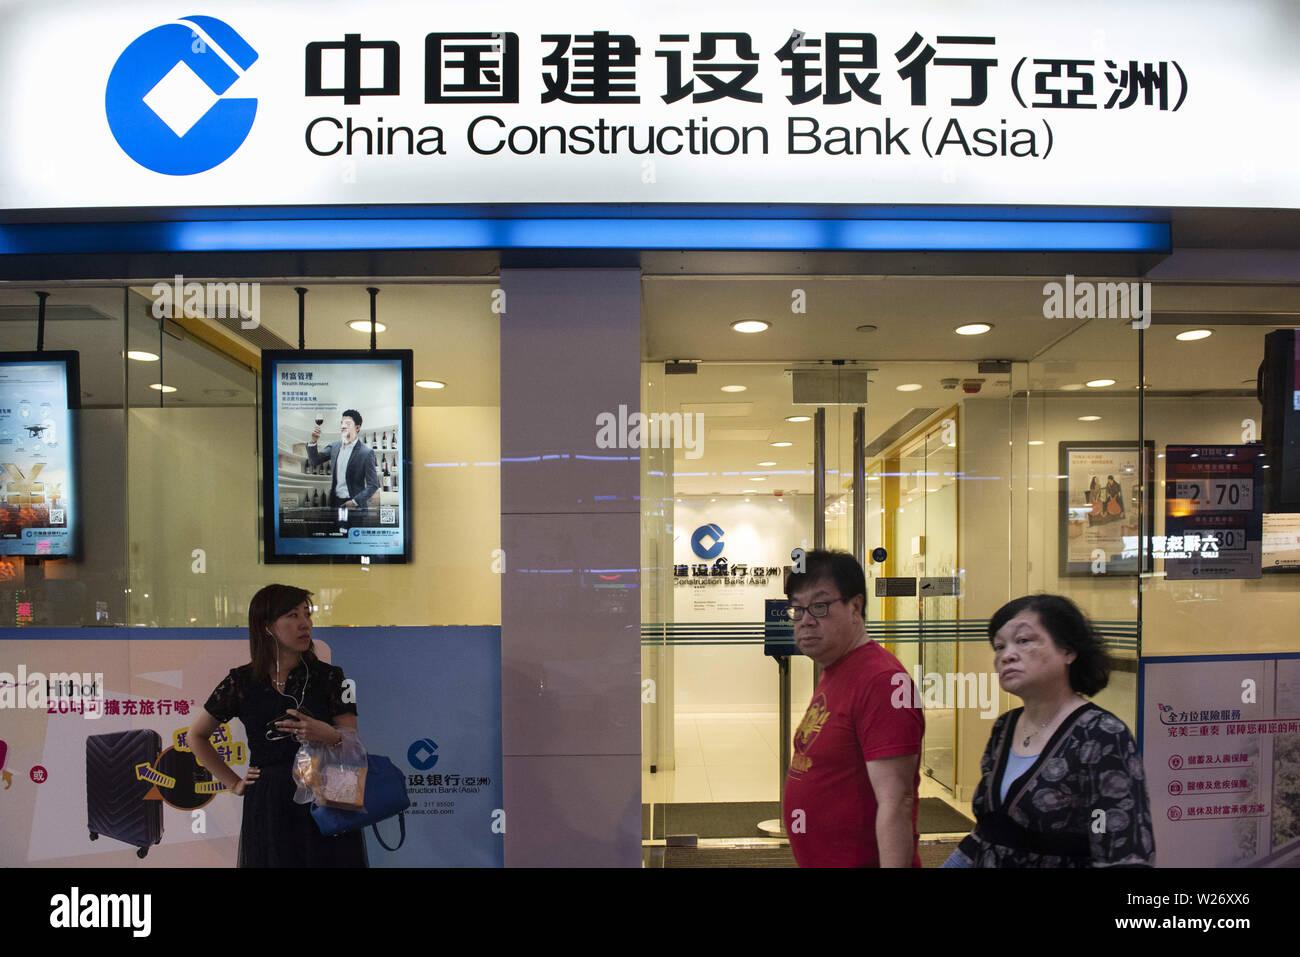 Hong Kong, China. 17th May, 2019. Pedestrians pass by Chinese multinational banking company China Construction Bank Corporation (CCB) branch in Hong Kong. Credit: Budrul Chukrut/SOPA Images/ZUMA Wire/Alamy Live News - Stock Image